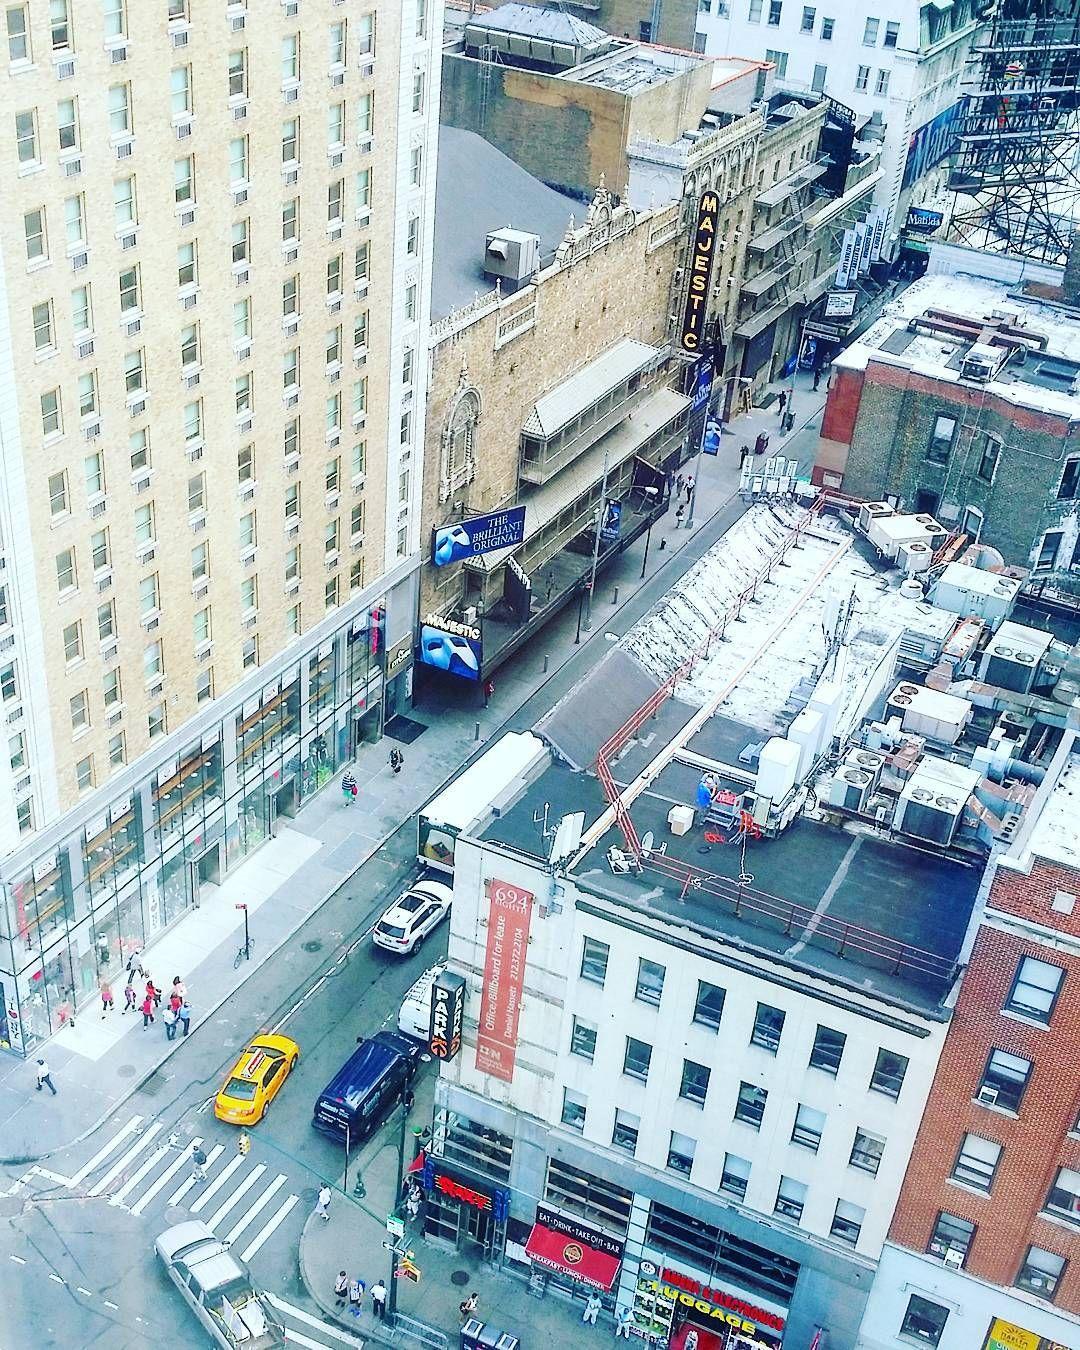 Watching the streets from 19th floor of @ictimessquare #ISeeTimesSquare #ICTimesSquare #roomwithaview #viewfromabove  #hotel #hotelli #newyork #nyc #manhattan #ilovenewyork #travel #matka #reissu (via Instagram)